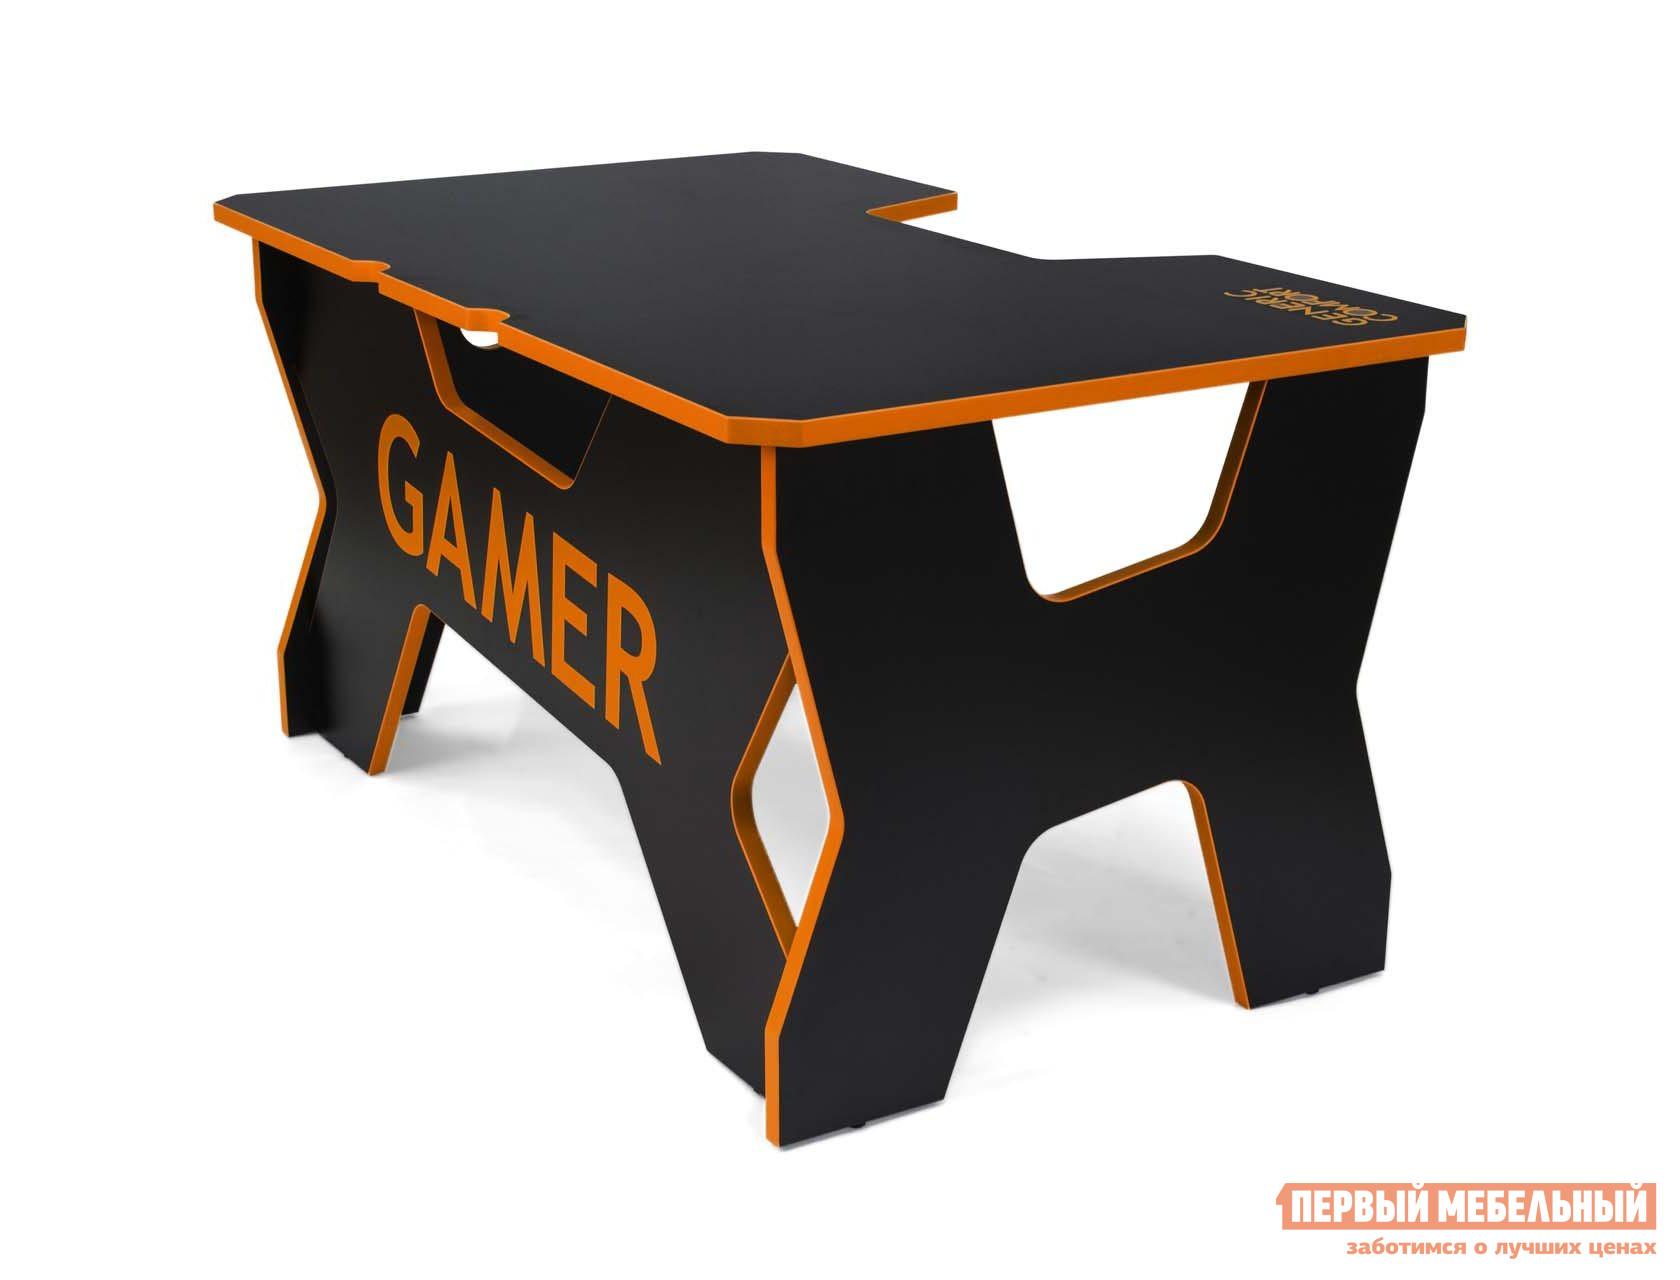 Компьютерный стол DxRacer Generic Comfort Gamer2/N Черный / Оранжевый DxRacer Габаритные размеры ВхШхГ 750x1500x900 мм. Стол Дженерик Комфорт 2 разработан специально для людей проводящих много часов перед монитором.  Модель изготавливается в нескольких цветовых вариантах, что позволяет подобрать стол, подходящий к креслу и другим игровым девайсам. <br>Столешница размером 1500 х 900 мм позволит разместить большой монитор, технику и оборудование.  Ниша в форме трапеции позволяет положить локти, благодаря чему руки не будут уставать от долгого пребывания за столом.  Размер ниши: глубина 20 см, ширина у переднего края 55 см, ширина внутренняя — 40 см. <br>Округлые вырезы на задней части столешницы сделаны для удобства размещения проводов.  А вырез на задней стенке позволят расслабиться и отдохнуть, вытянув ноги вперед. <br>Изделие выполняется из ЛДСП толщиной 25 мм.  Надежная конструкция позволяет столу Generic Comfort Gamer2/N выдерживать нагрузку до 120 кг.  Все детали обработаны специальным покрытием, устойчивым к влаге и механическим повреждениям. <br>